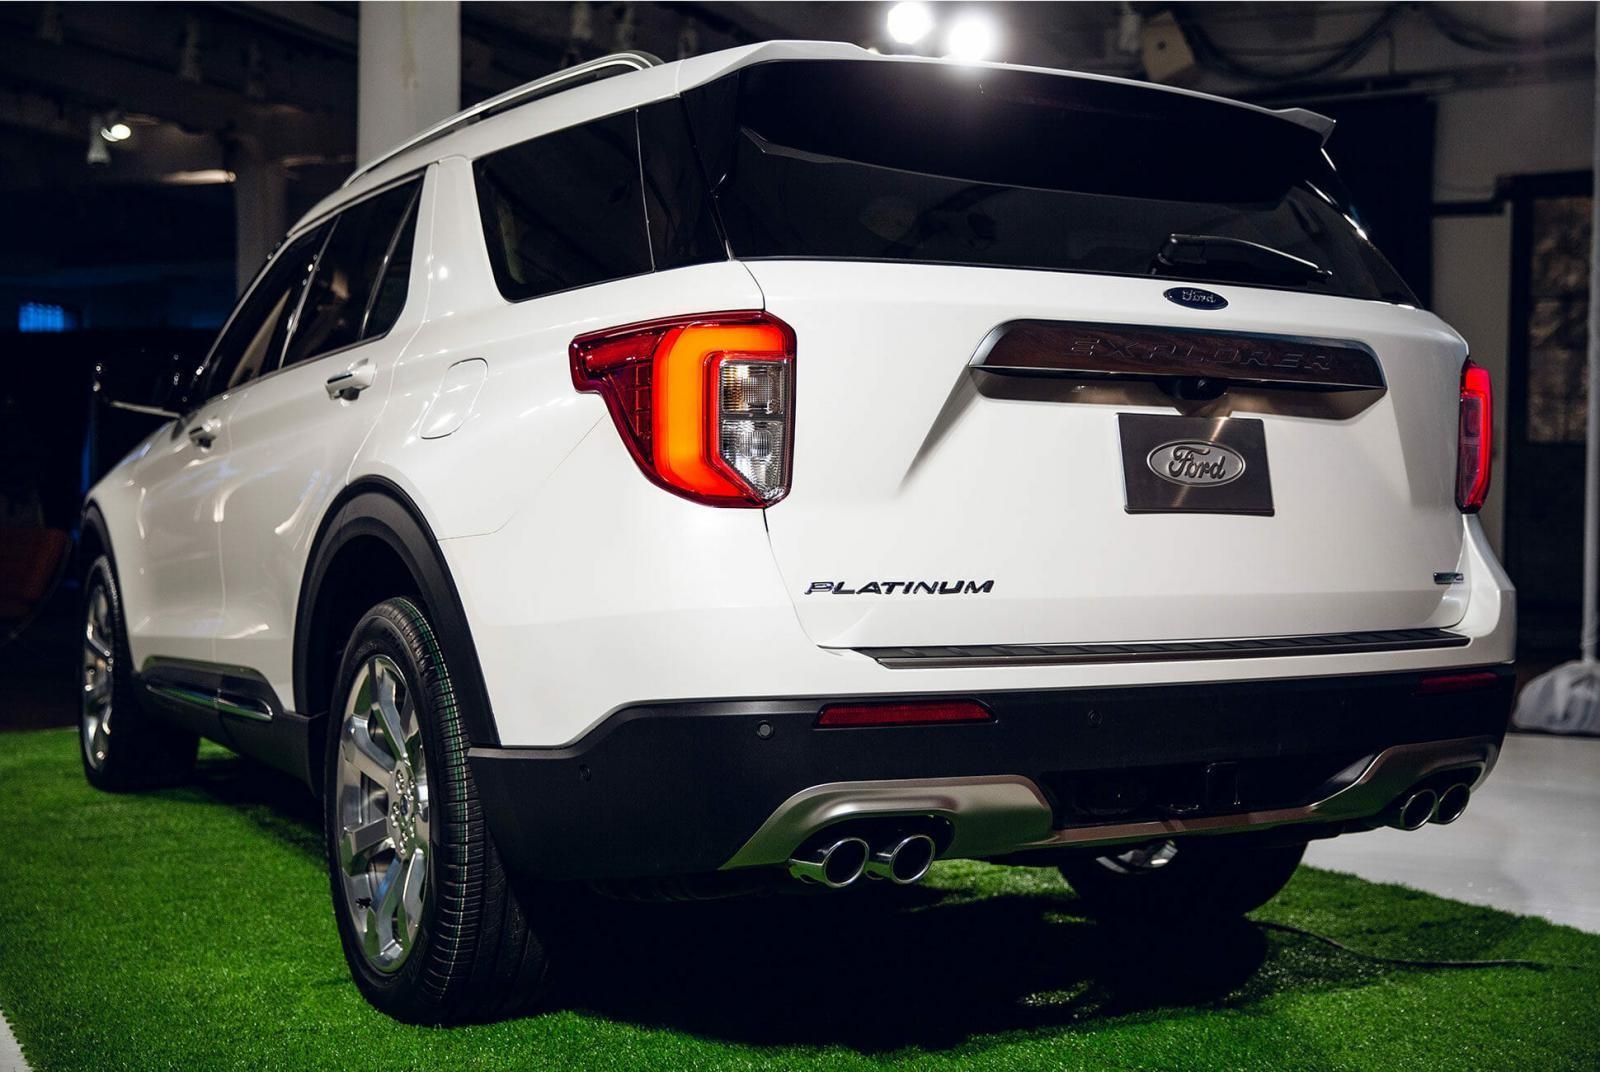 Thiết kế đuôi xe của Ford Explorer 2020 được cải tiến nhẹ